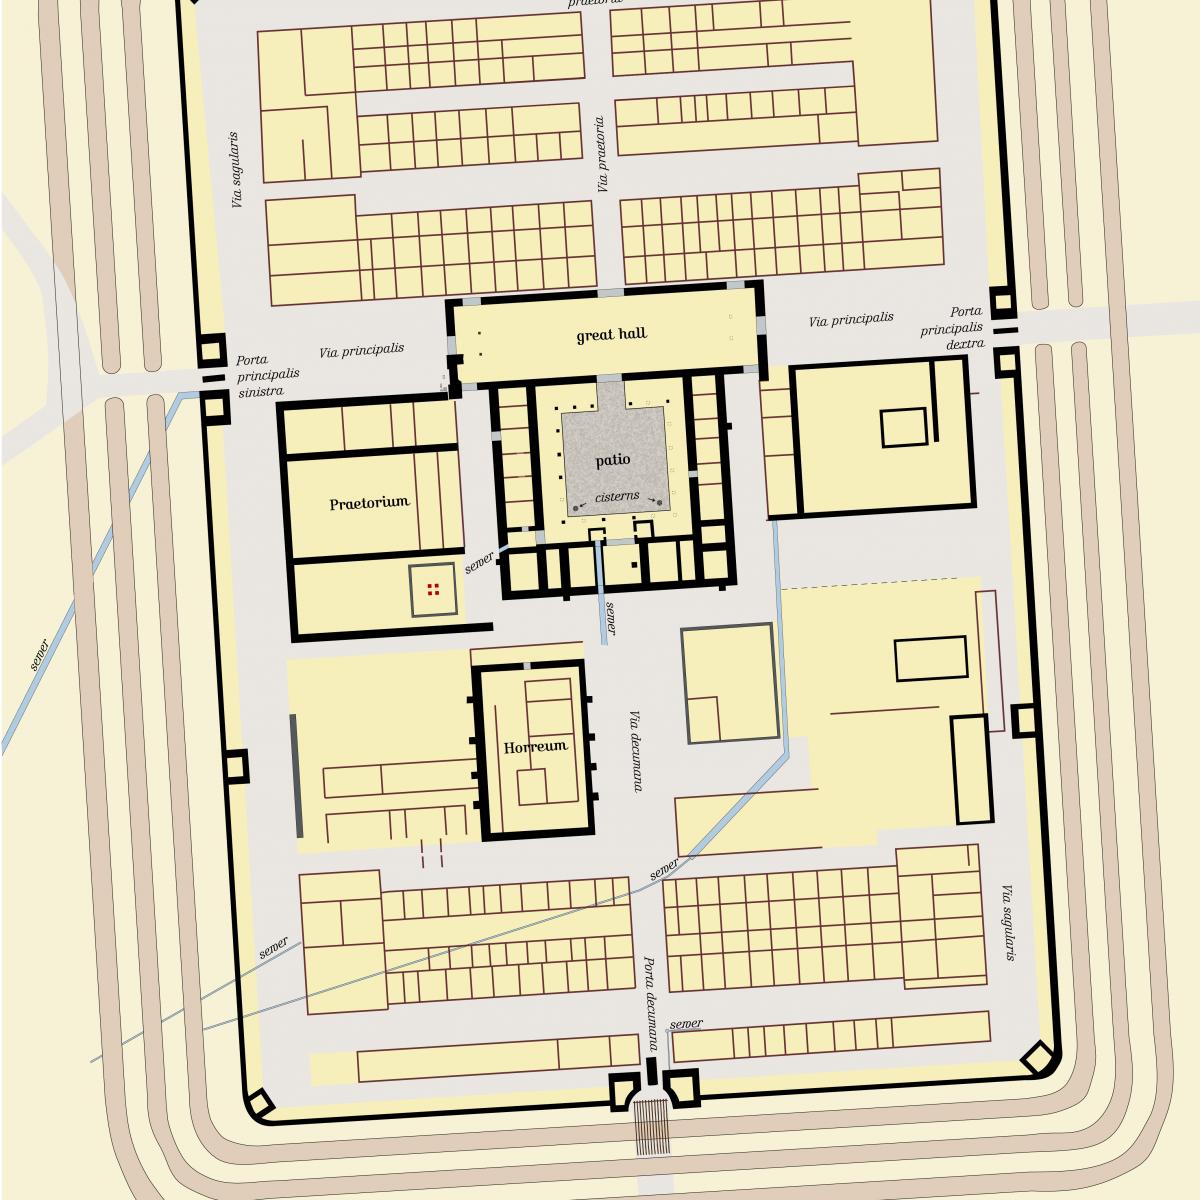 Dokładny plan obozu rzymskiego Iciniacum w południowych Niemczech